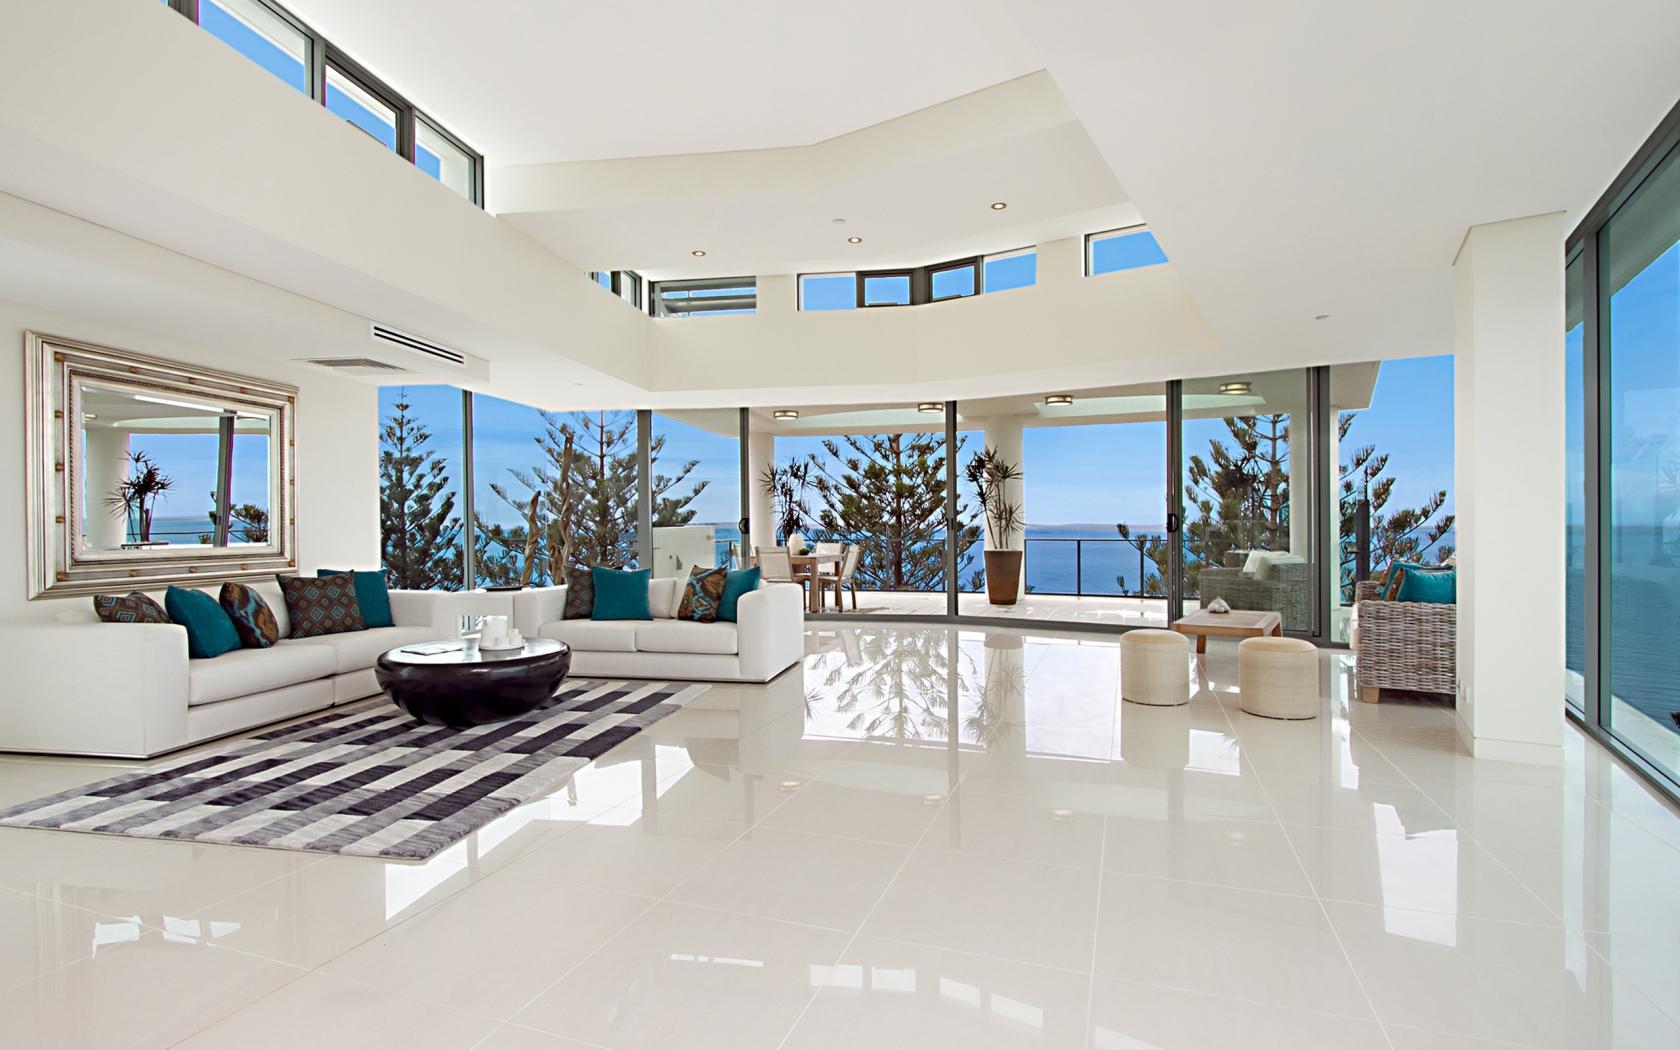 Dise o de una sala grande hd 1680x1050 imagenes - Diseno de interiores gratis ...